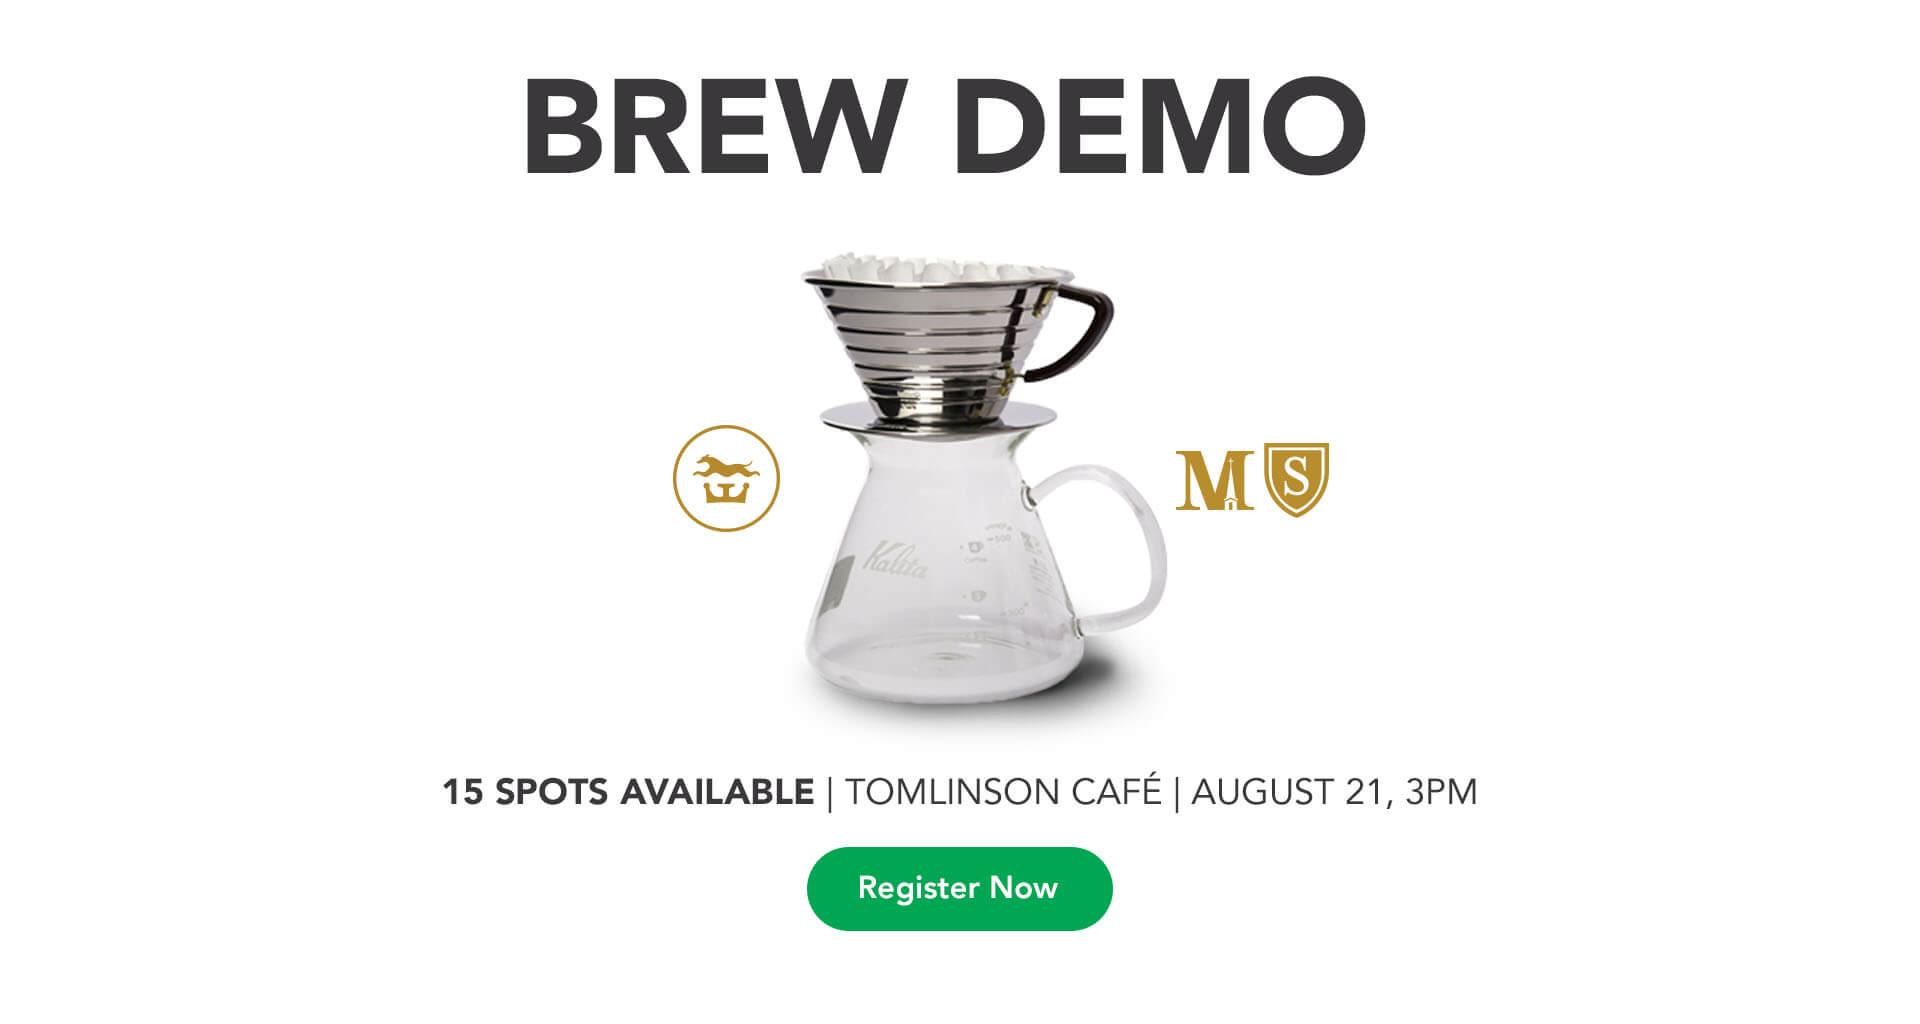 Tomlinson Cafe Brew Demo